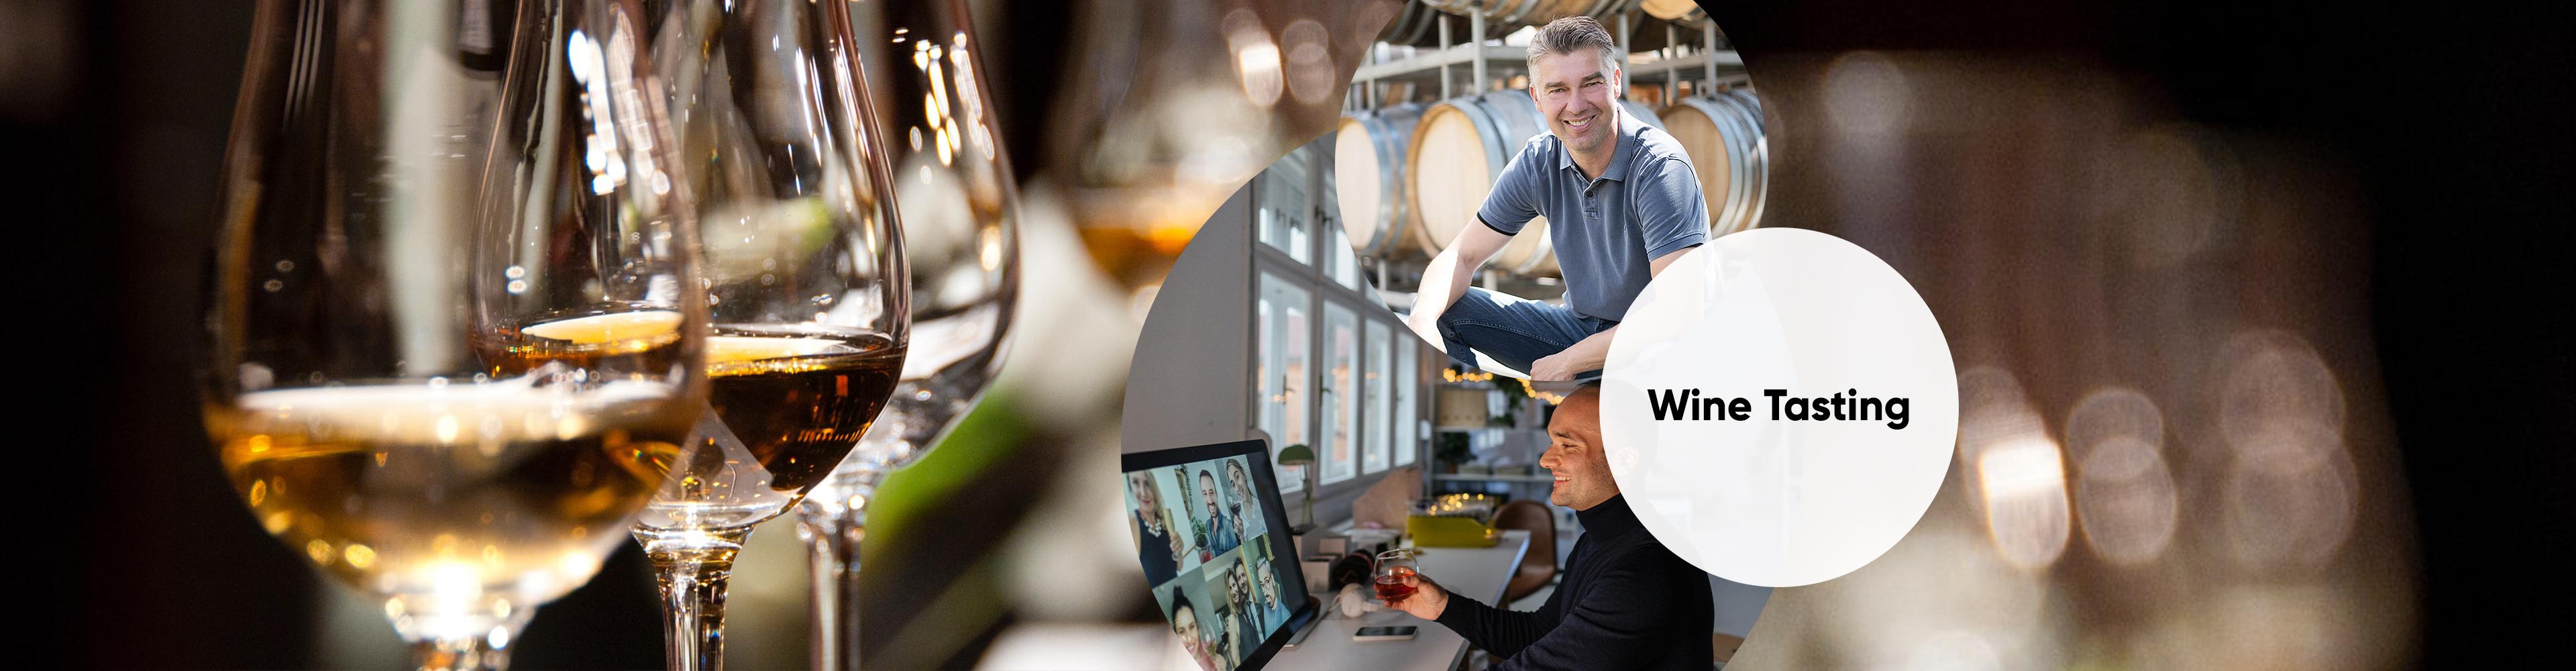 SAP_Wine-Tasting-WEBHERO